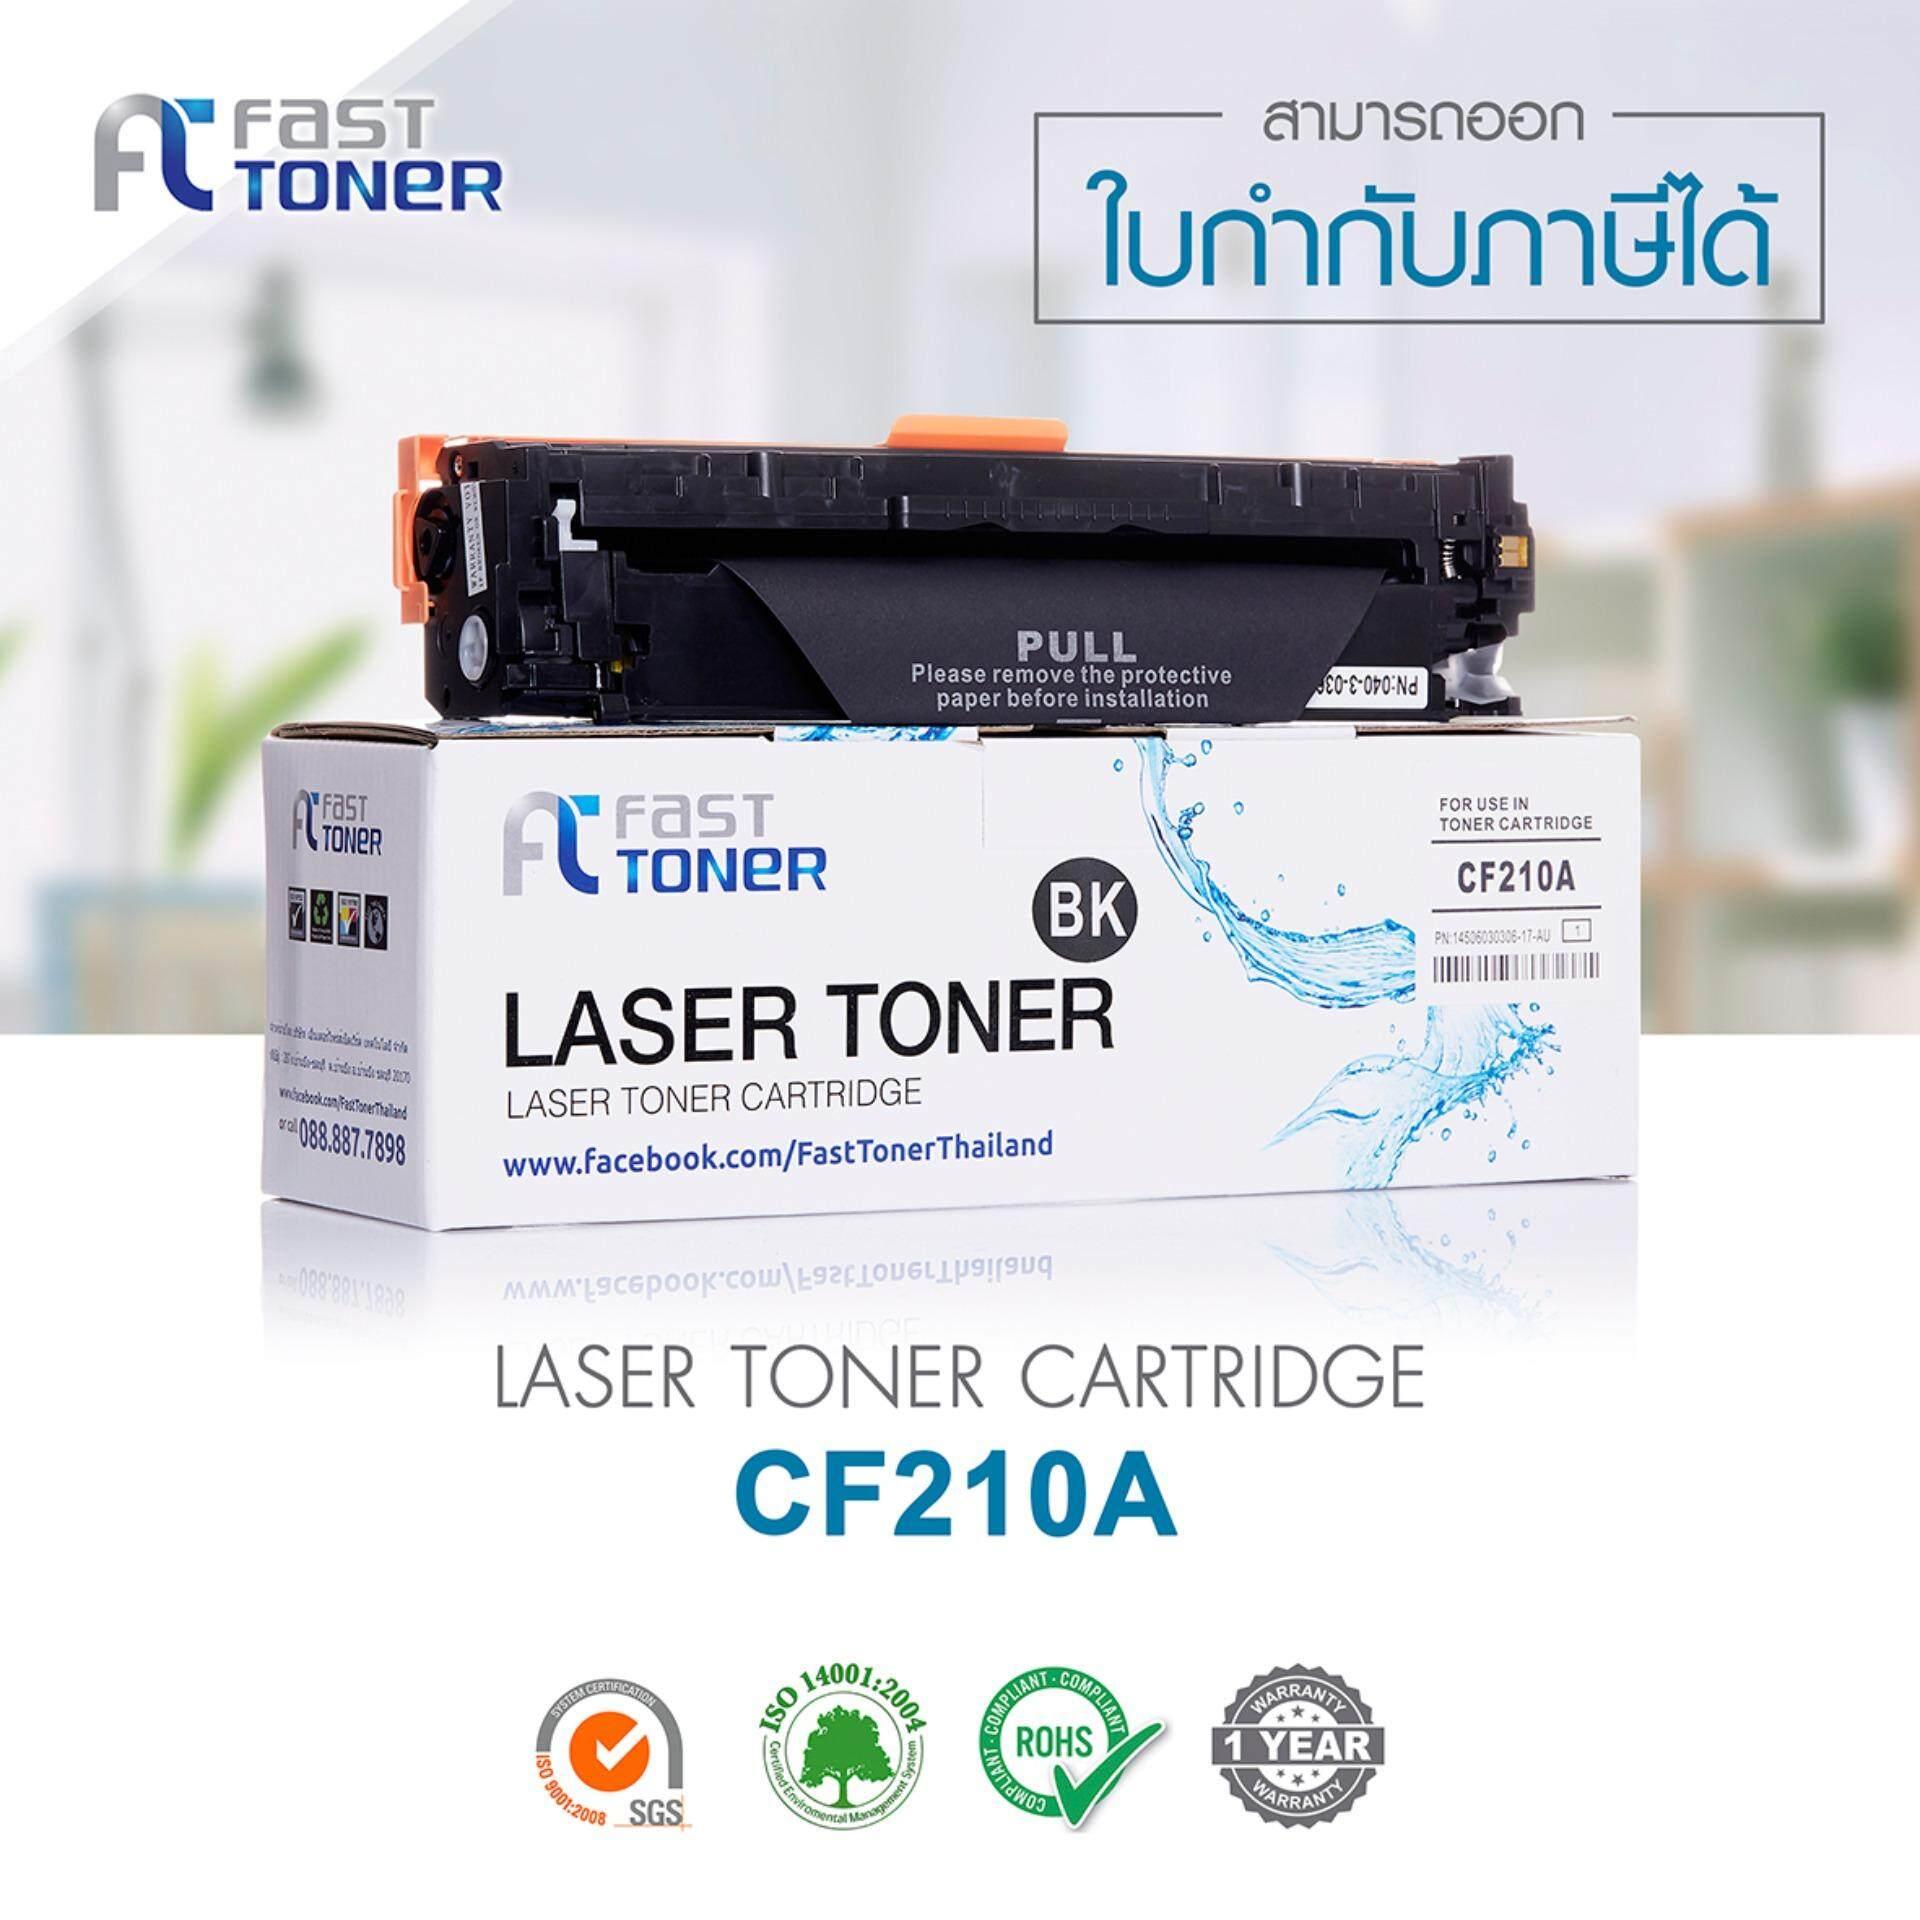 ซื้อ Fast Toner ตลับหมึกเลเซอร์ รุ่น Hp 131A Cf210A สีดำ สำหรับเครื่องพิมพ์เลเซอร์ Hp Laserjet Pro200Color M251 200 Color Mfp M276 Laserjet Pro M251 M276 Fast Toner ถูก